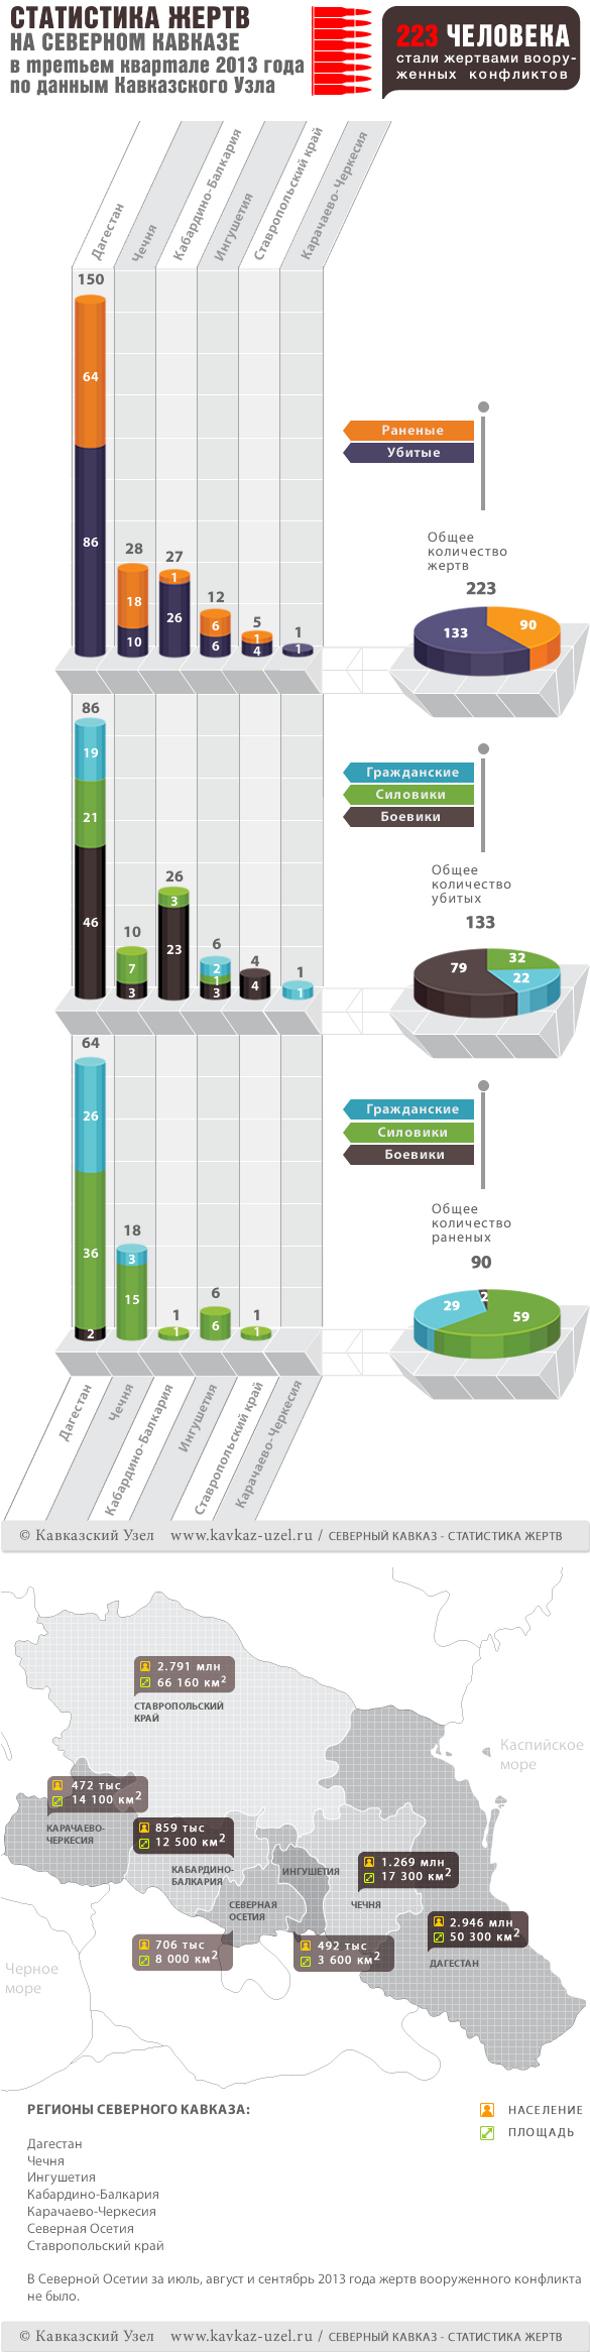 Инфографика. Статистика жертв на Северном Кавказе в третьем квартале 2013 года по данным Кавказского узла.